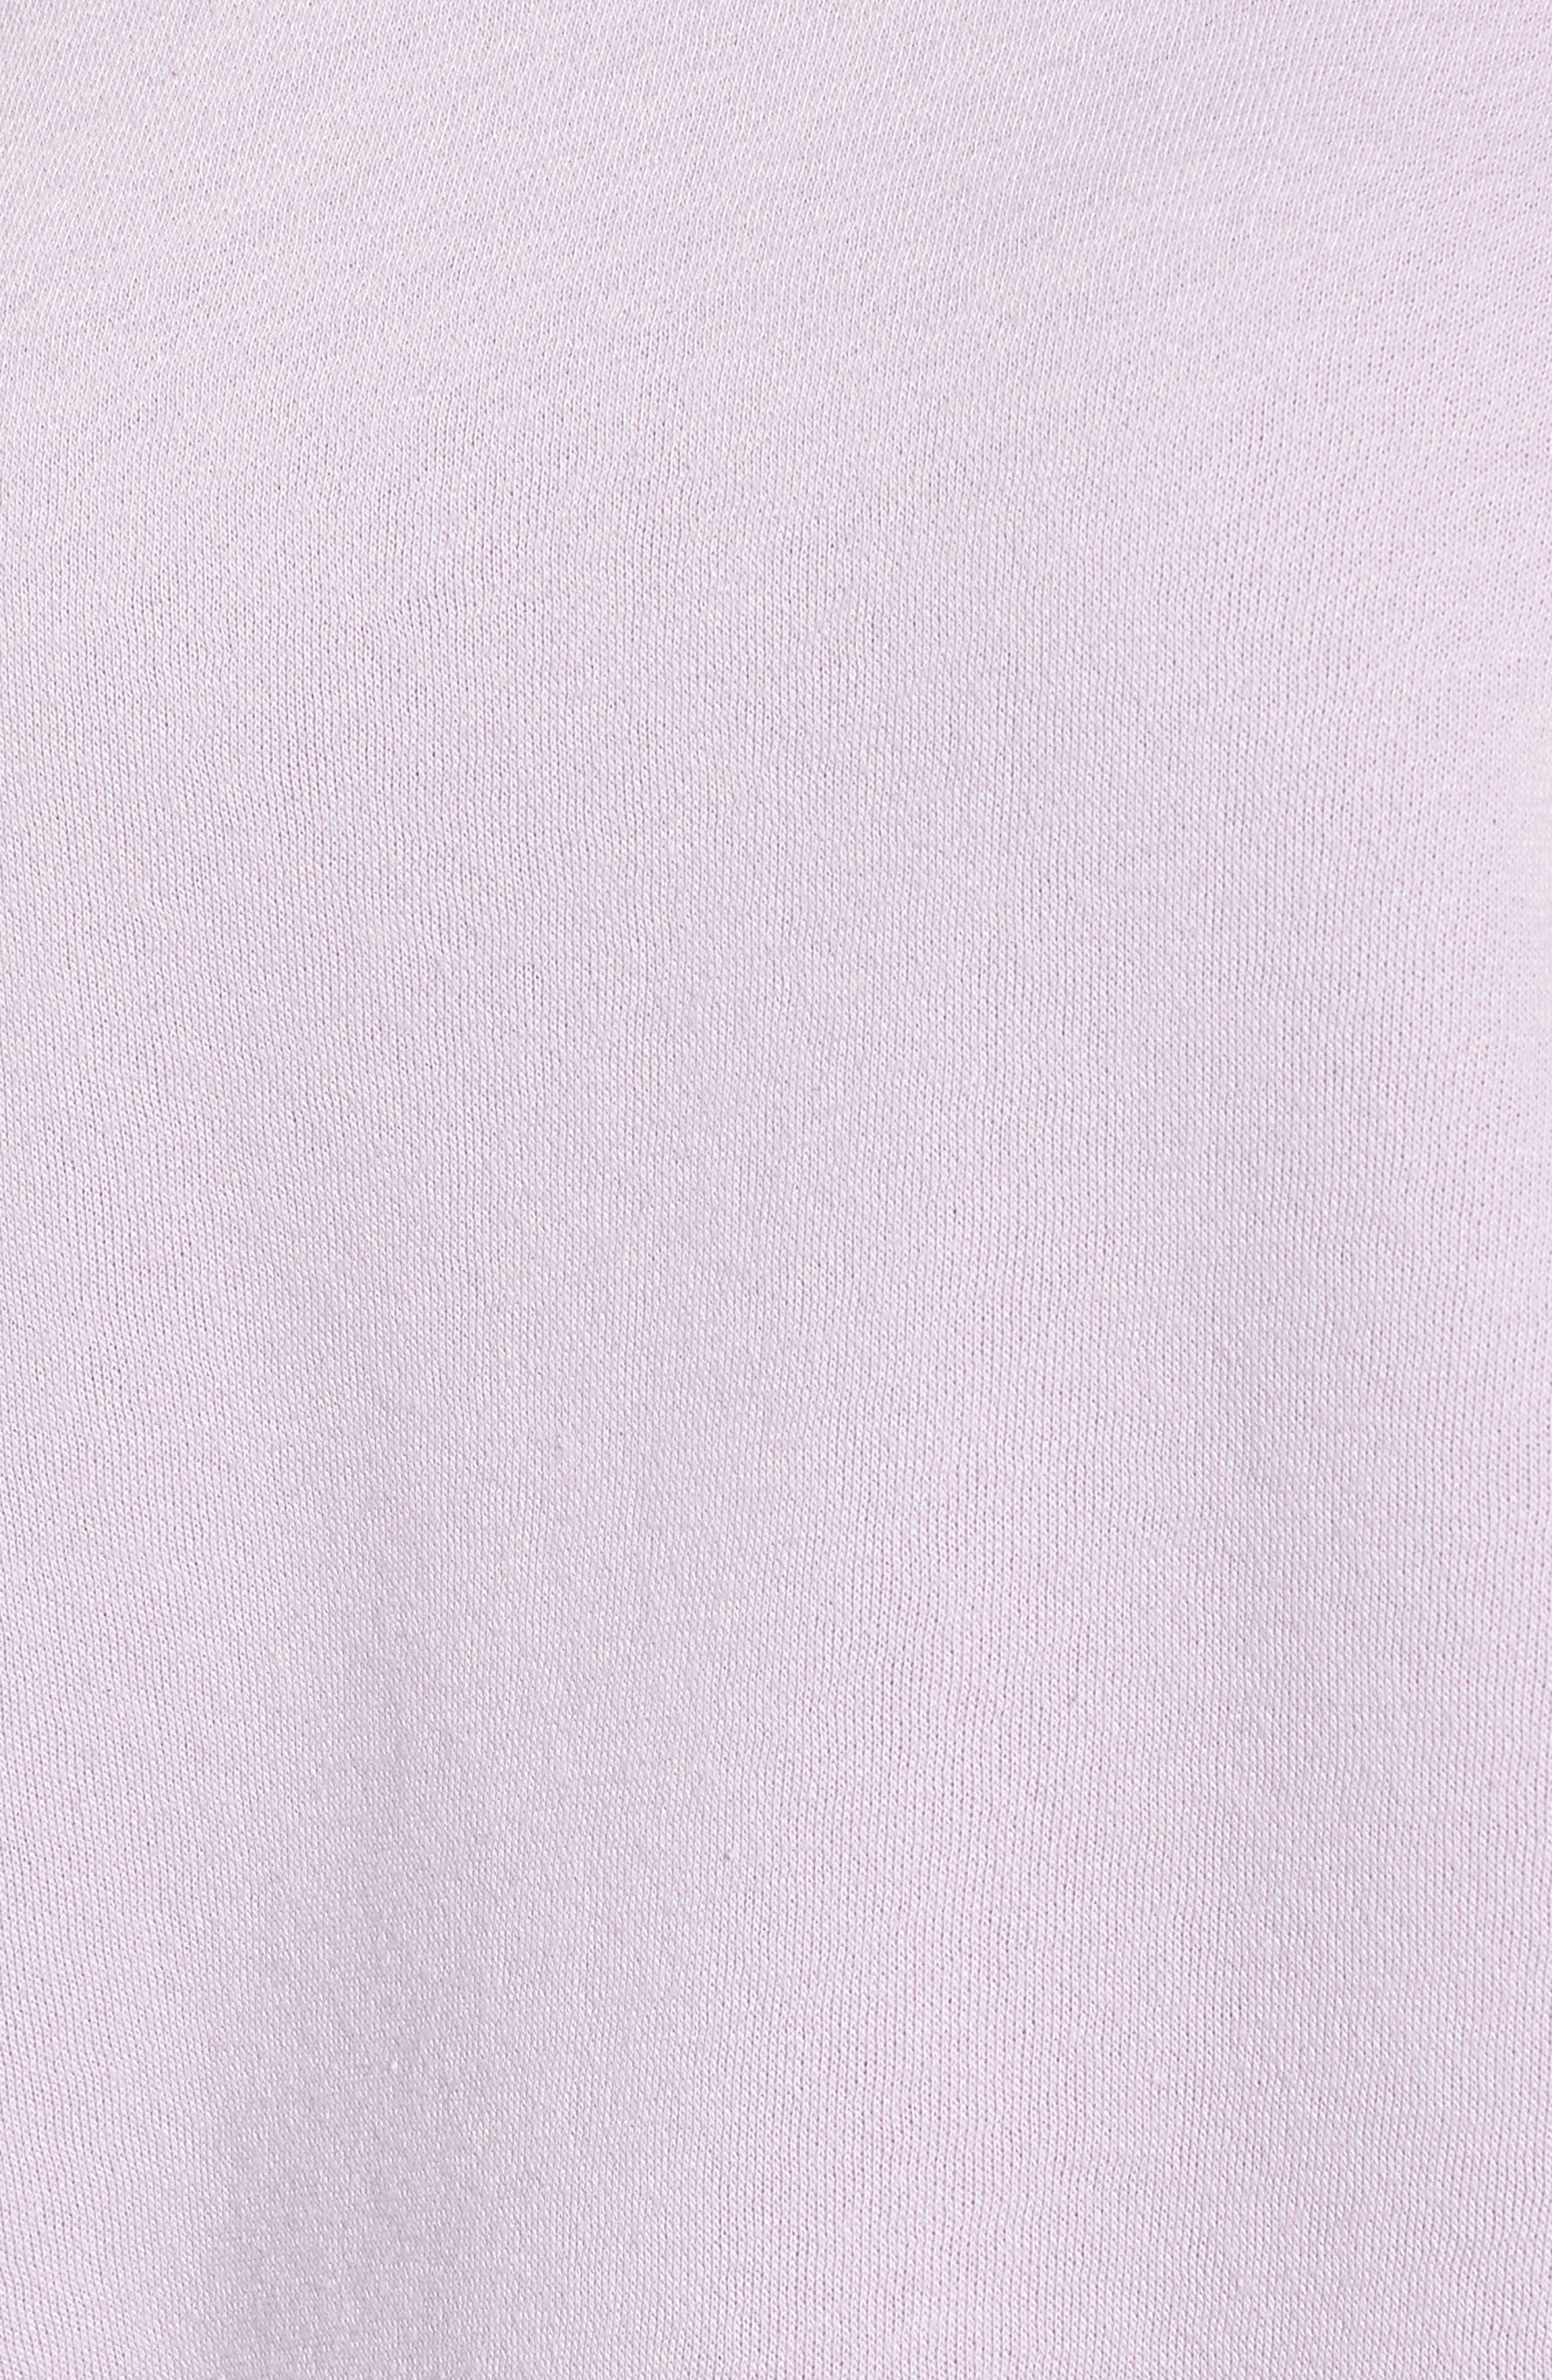 Gracie Cold Shoulder Sweatshirt,                             Alternate thumbnail 6, color,                             502